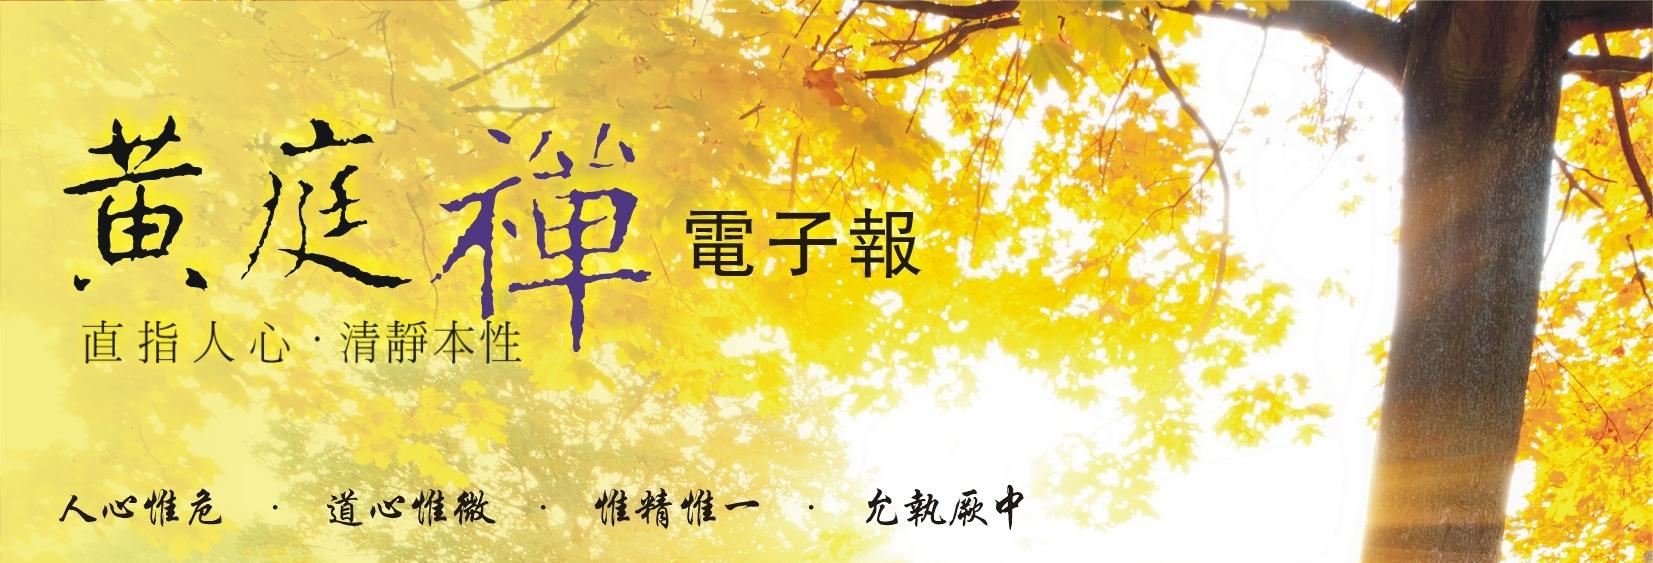 中华黄庭禅学会2015.10.01电子报